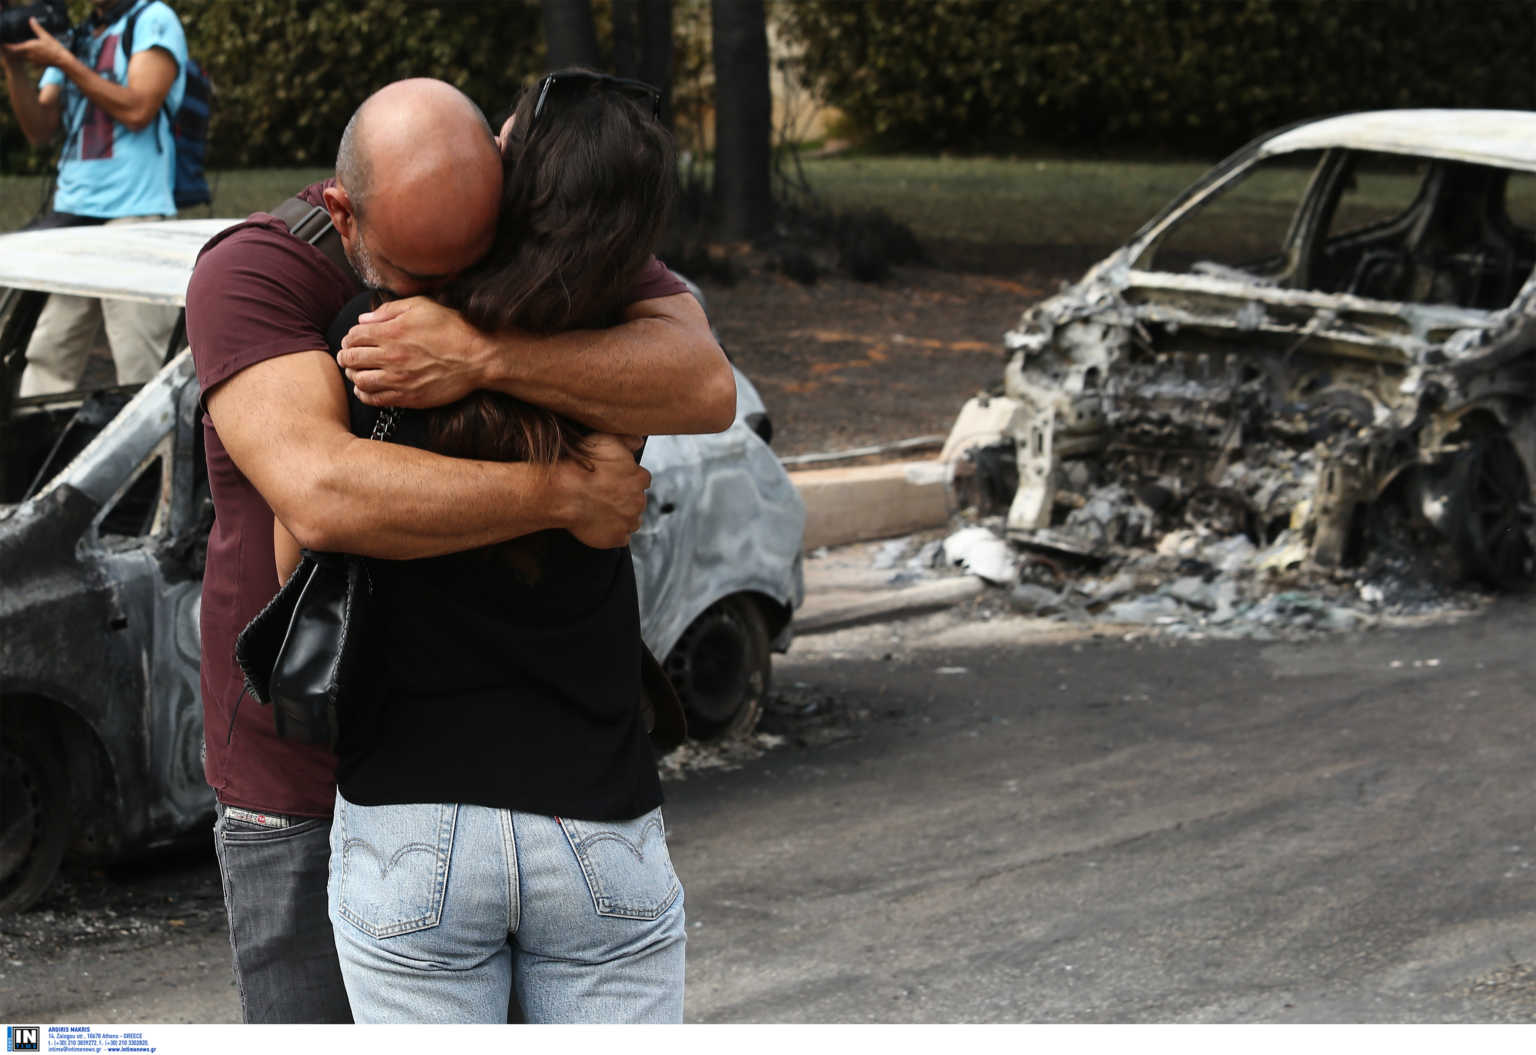 Μάτι: Όχι στην αναβάθμιση του κατηγορητηρίου για την φονική πυρκαγιά με 102 νεκρούς